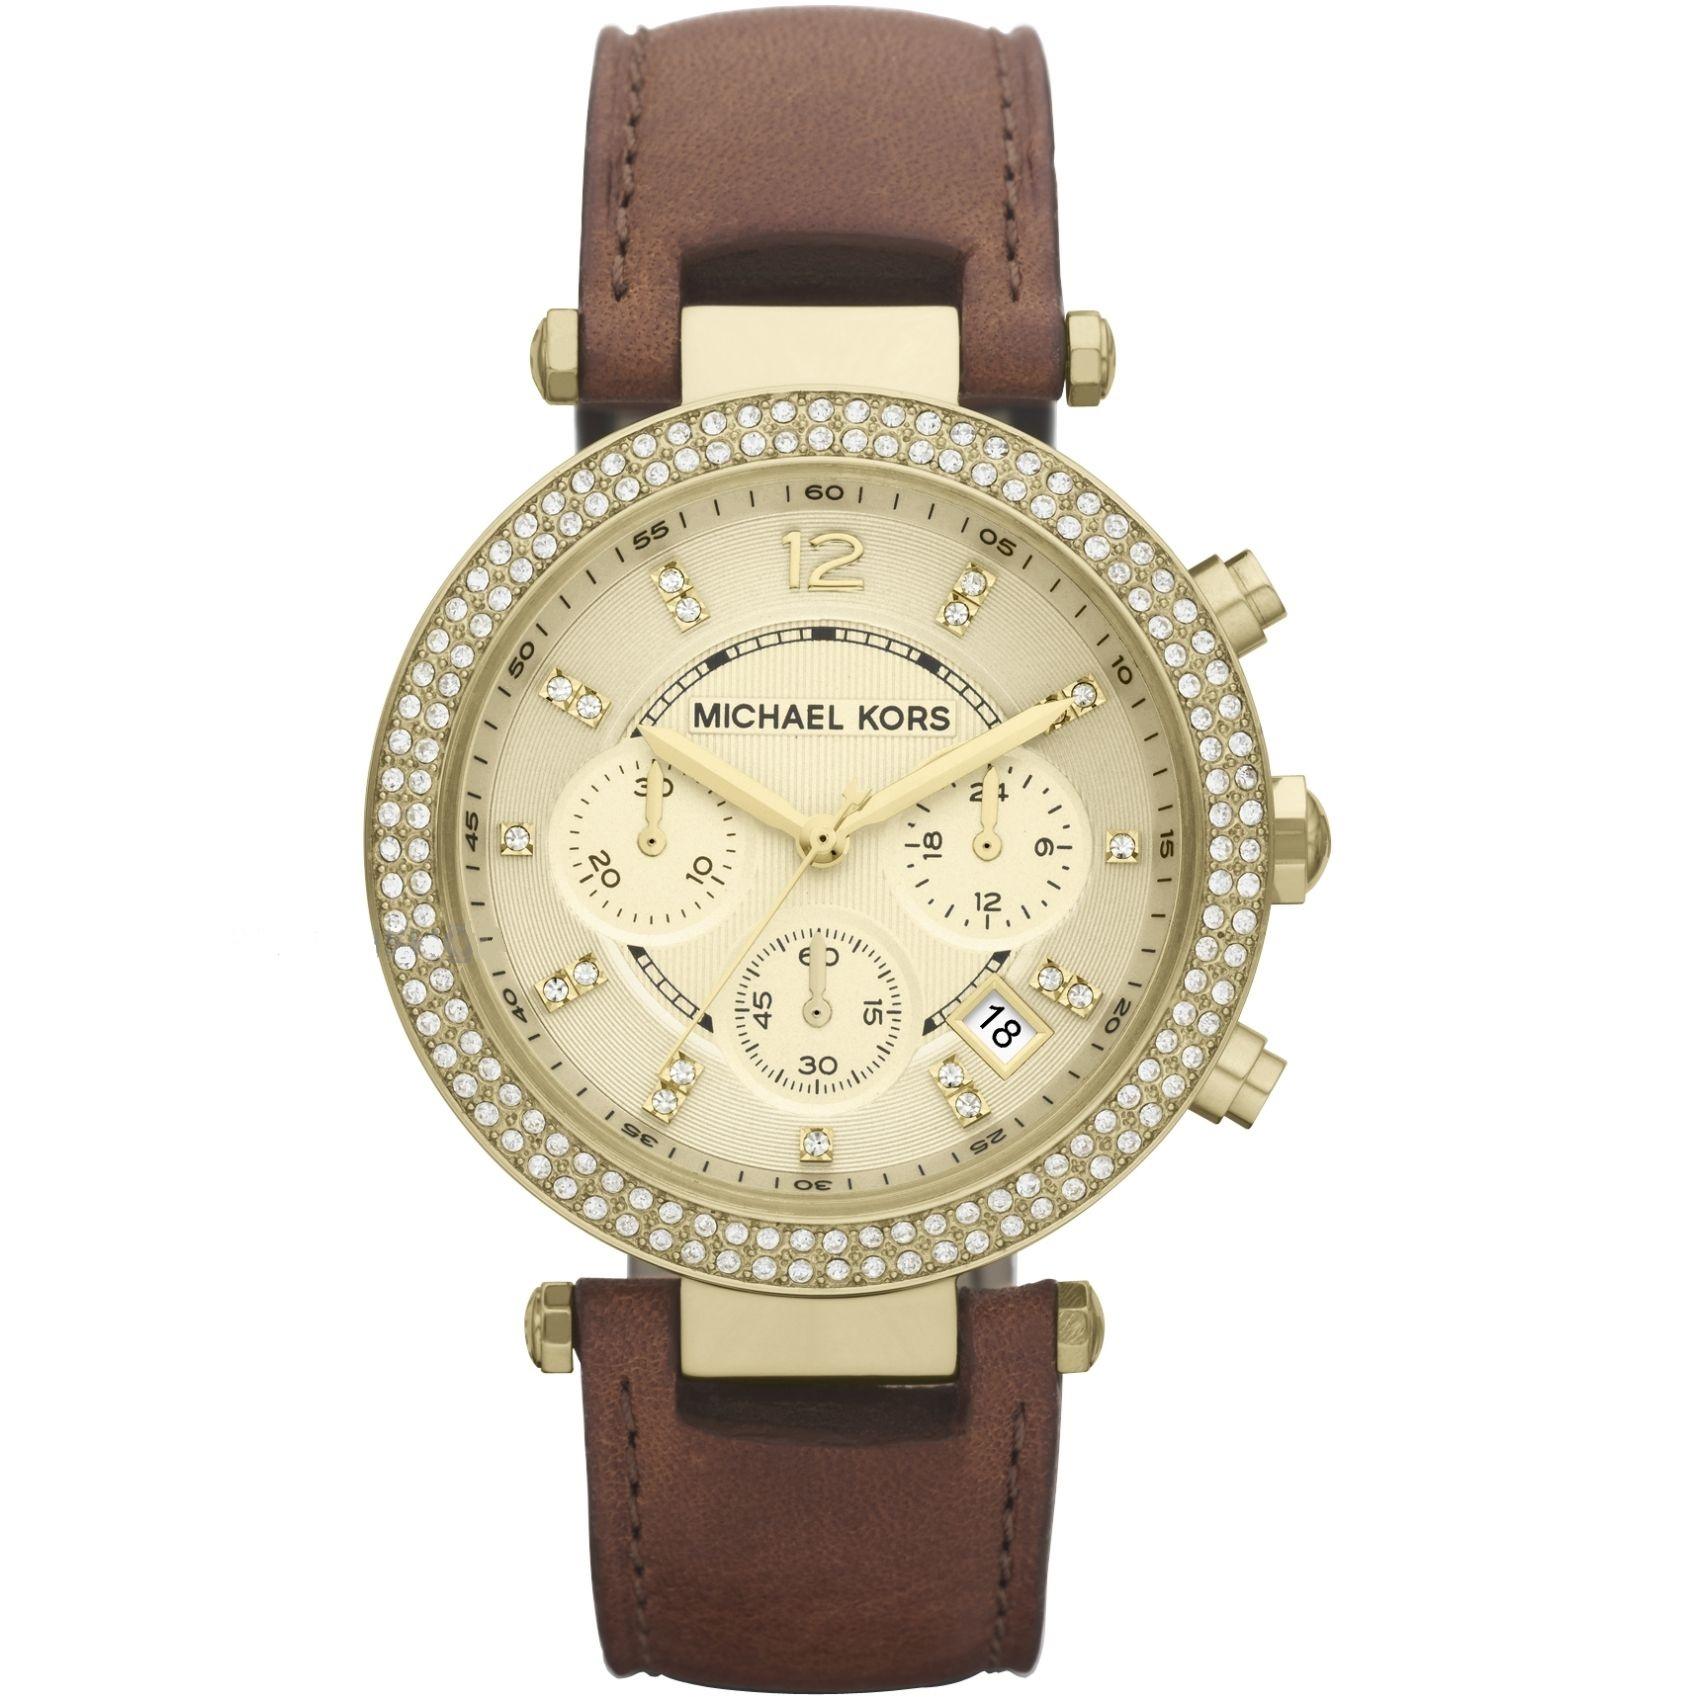 ساعت مچی عقربه ای زنانه مایکل کورس کد mk2249